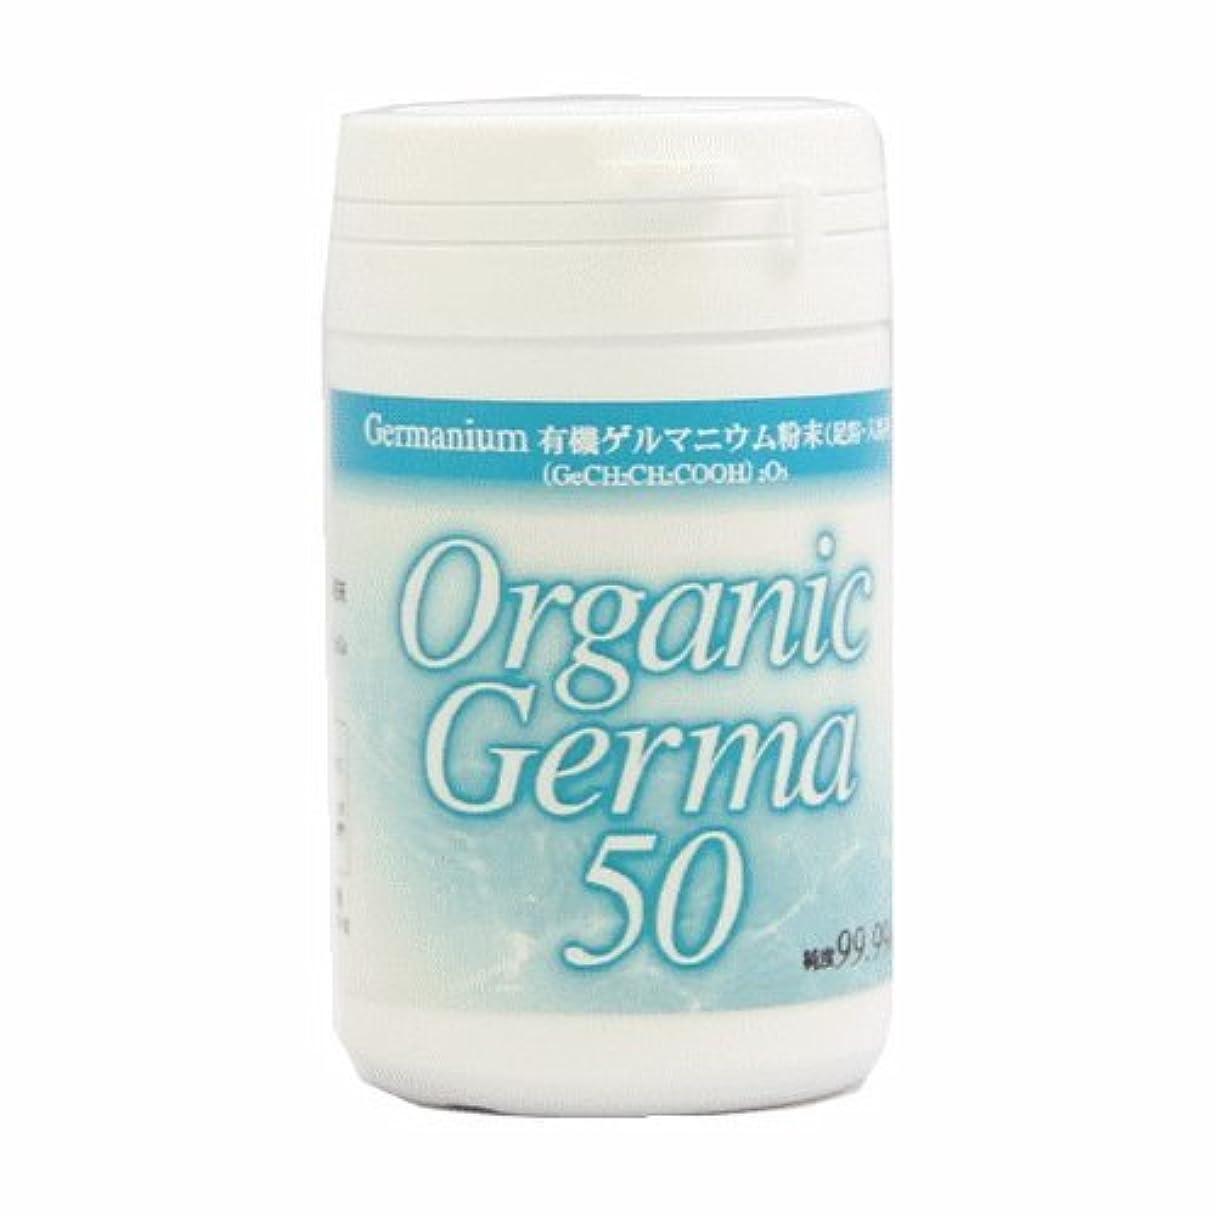 アサー観点荒涼とした【有機 ゲルマニウム 粉末 50g (Ge-132) 99.99% 温浴用】 ゲルマ パウダー